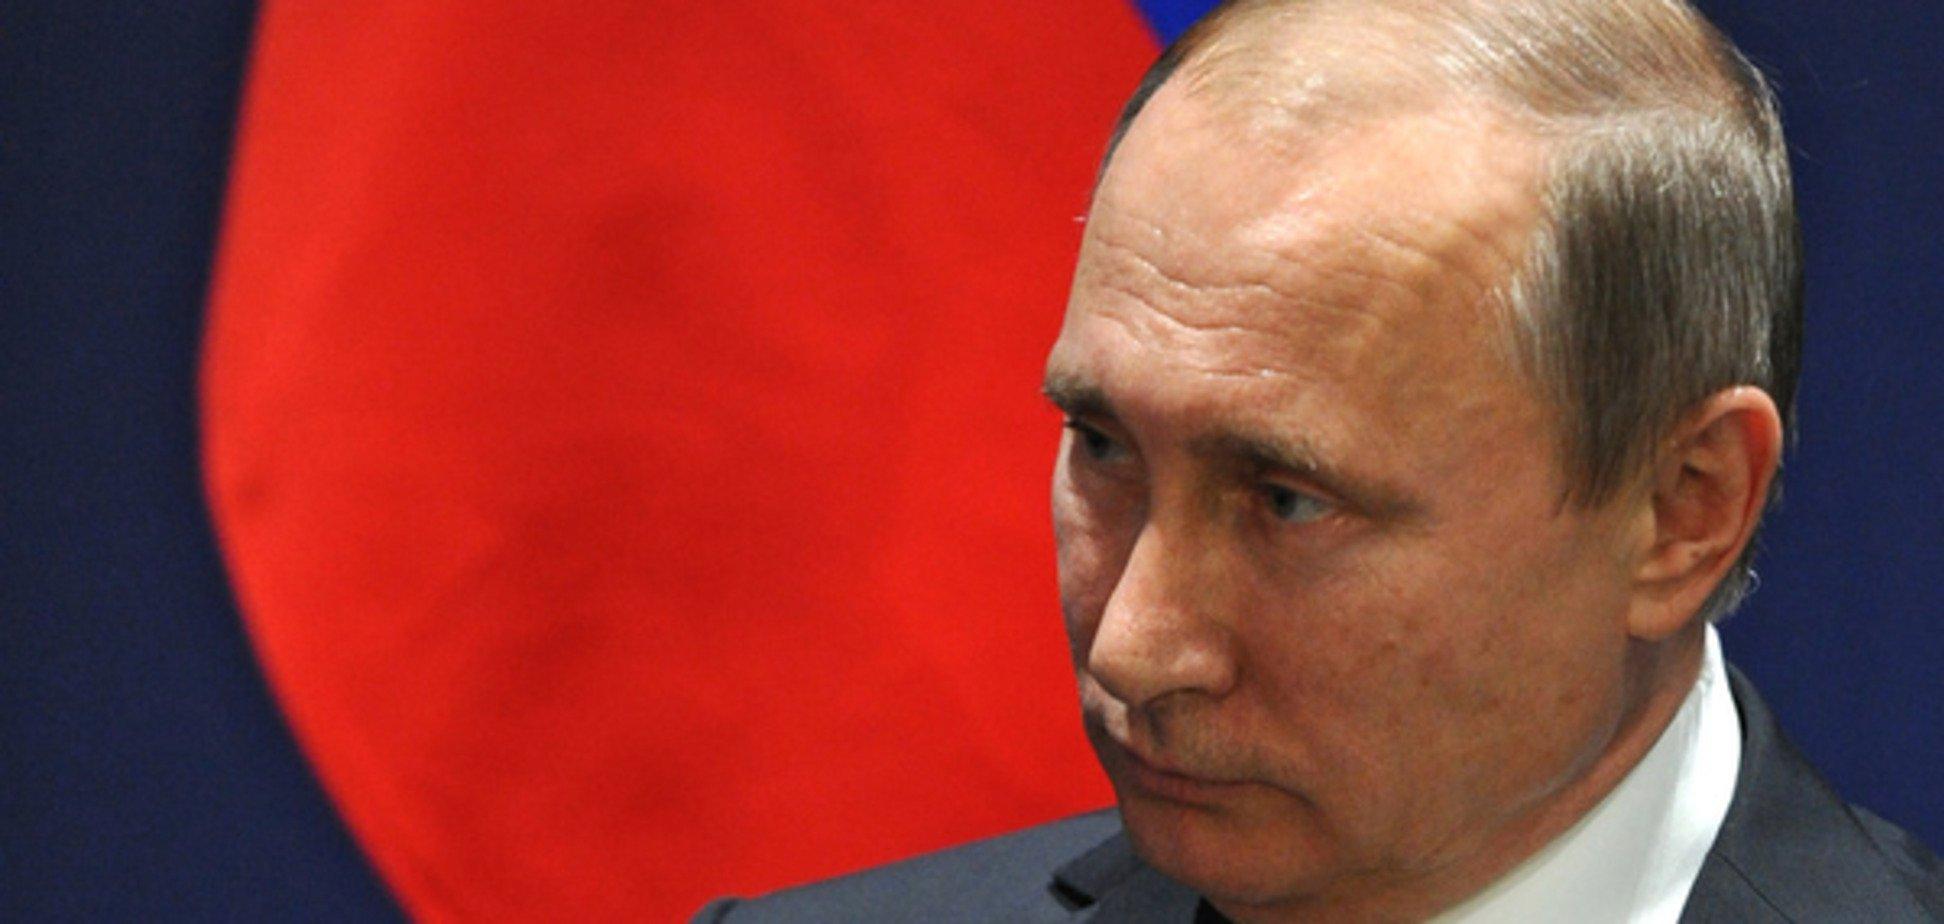 Спроби Путіна обміняти Сирію на Україну приречені - польський експерт